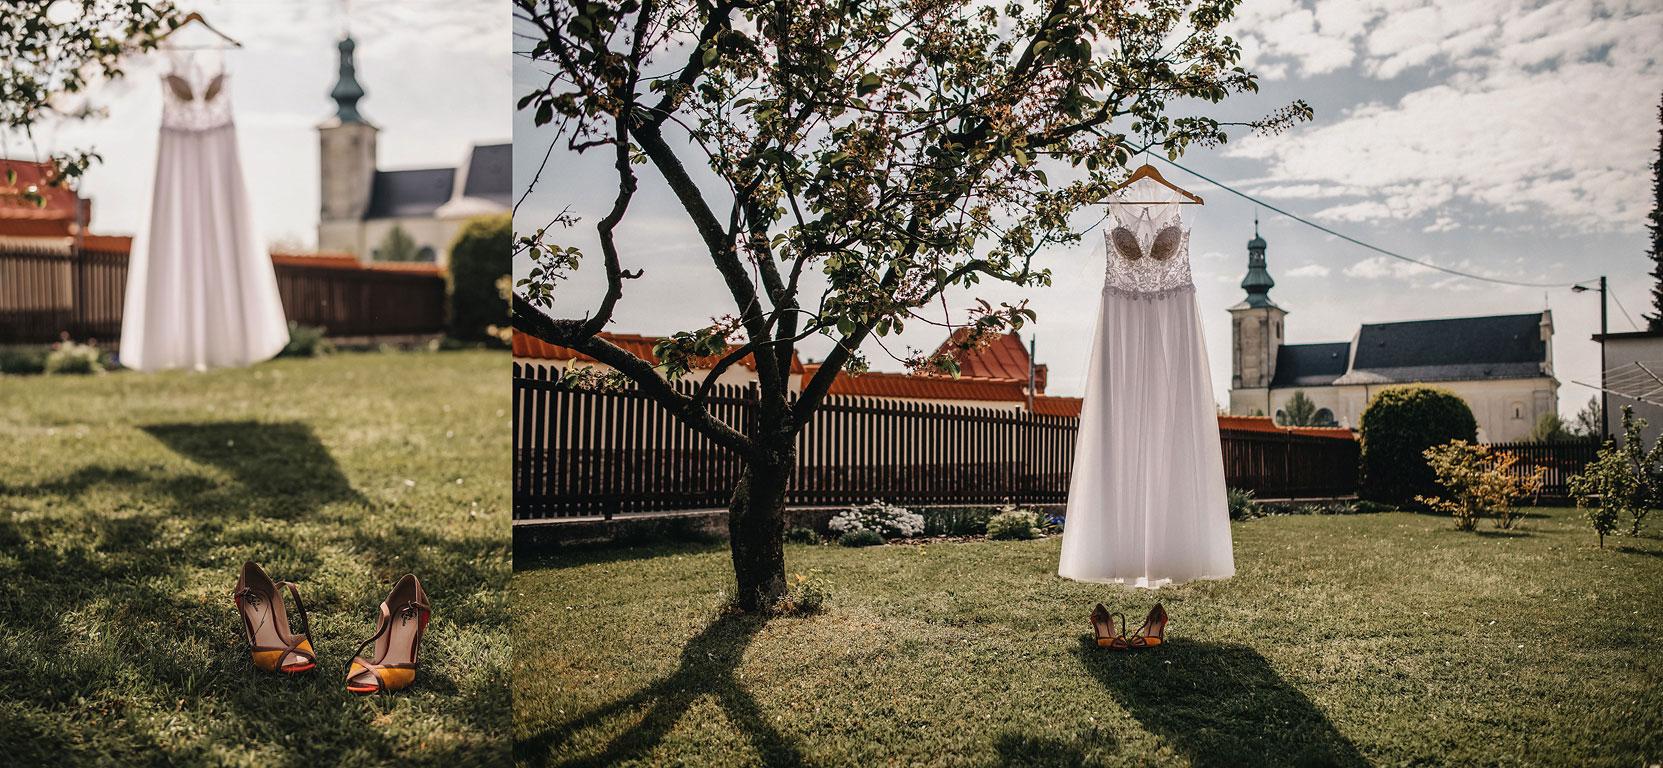 Svatební šaty visící na prádelní šňůře. V popředí jsou na trávě boty nevěsty a v pozadí kostel.